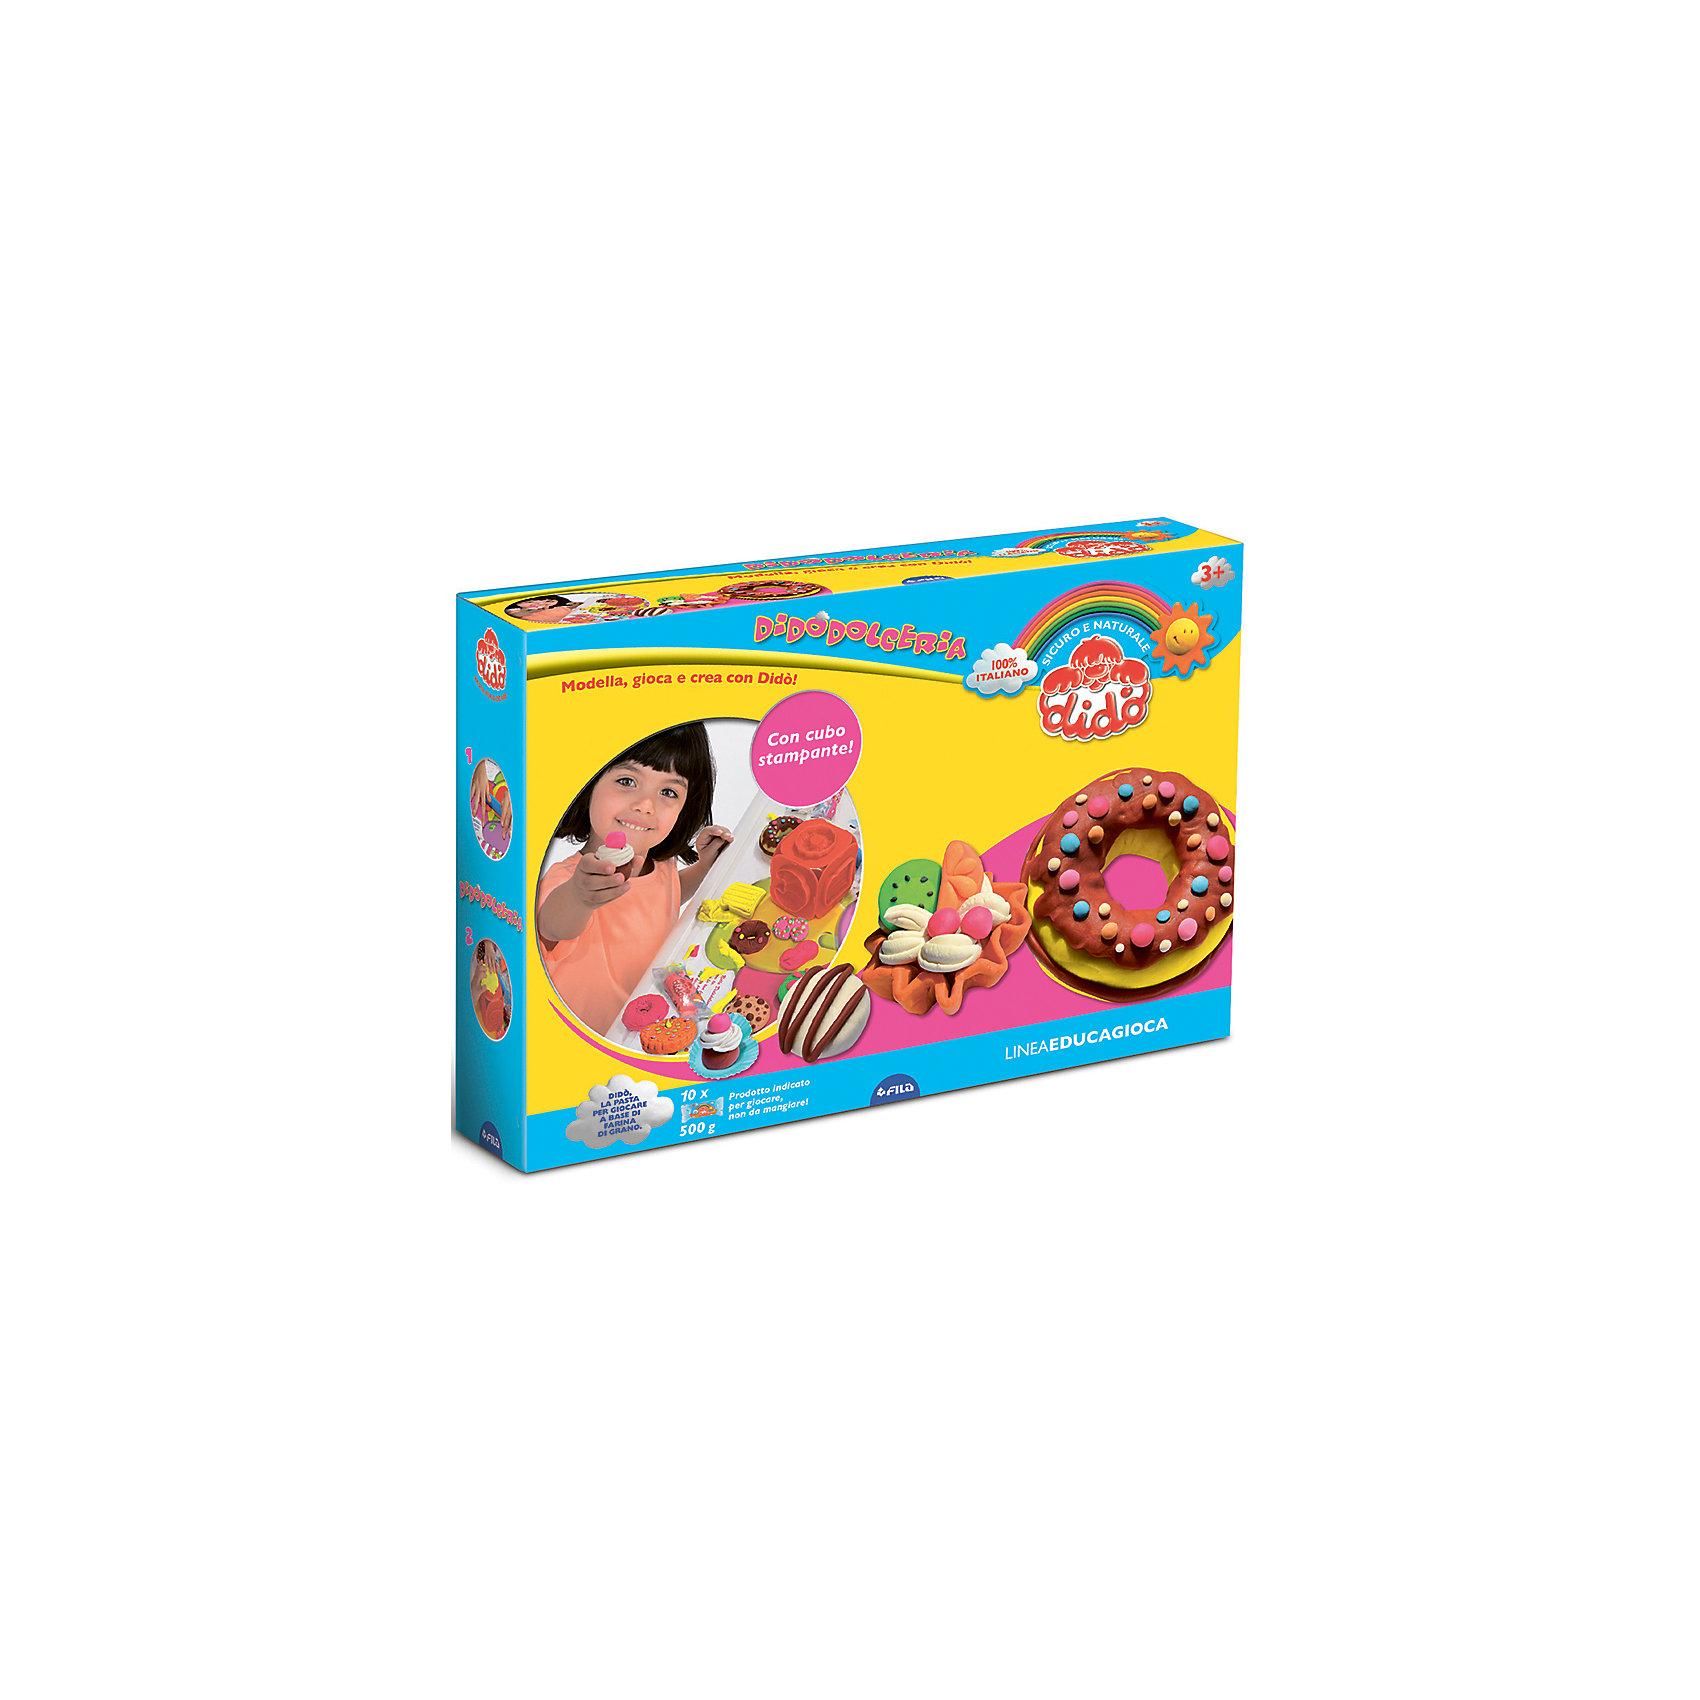 Набор для творчества КондитерЛепка<br>Характеристики товара:<br><br>• упаковка: коробка<br>• комплектация: масса для лепки, 1 кубик с формами, 1 стек, 1 скалка, дощечка для лепки 40х60 см., 5 листов с наклейками<br>• материал: пищевые красители, кукурузный крахмал, соль, мука<br>• цветов: 10<br>• вес массы одного цвета: 50 г<br>• возраст: от двух лет<br>• развивающая<br>• страна бренда: Италия<br>• страна производства: Италия<br><br>Лепка - отличный способ занять ребенка. Это не только занимательно, но и очень полезно! С помощью такого набора для творчества ребенок сможет сам сделать фигурки с помощью инструментов, а дальше - делать более сложные предметы. Эта масса для моделирования - безопасный материал, в котором только натуральные компоненты: пищевые красители, кукурузный крахмал, соль, мука. В комплекте - масса для лепки и инструменты. <br>Такое занятие как лепка помогает детям развивать многие важные навыки и способности: они тренируют внимание, память, логику, мышление, мелкую моторику, а также усидчивость и аккуратность. Изделие производится из качественных сертифицированных материалов, безопасных даже для самых маленьких.<br><br>Набор для творчества Кондитер от бренда Dido можно купить в нашем интернет-магазине.<br><br>Ширина мм: 80<br>Глубина мм: 25<br>Высота мм: 380<br>Вес г: 510<br>Возраст от месяцев: 24<br>Возраст до месяцев: 72<br>Пол: Женский<br>Возраст: Детский<br>SKU: 5107884